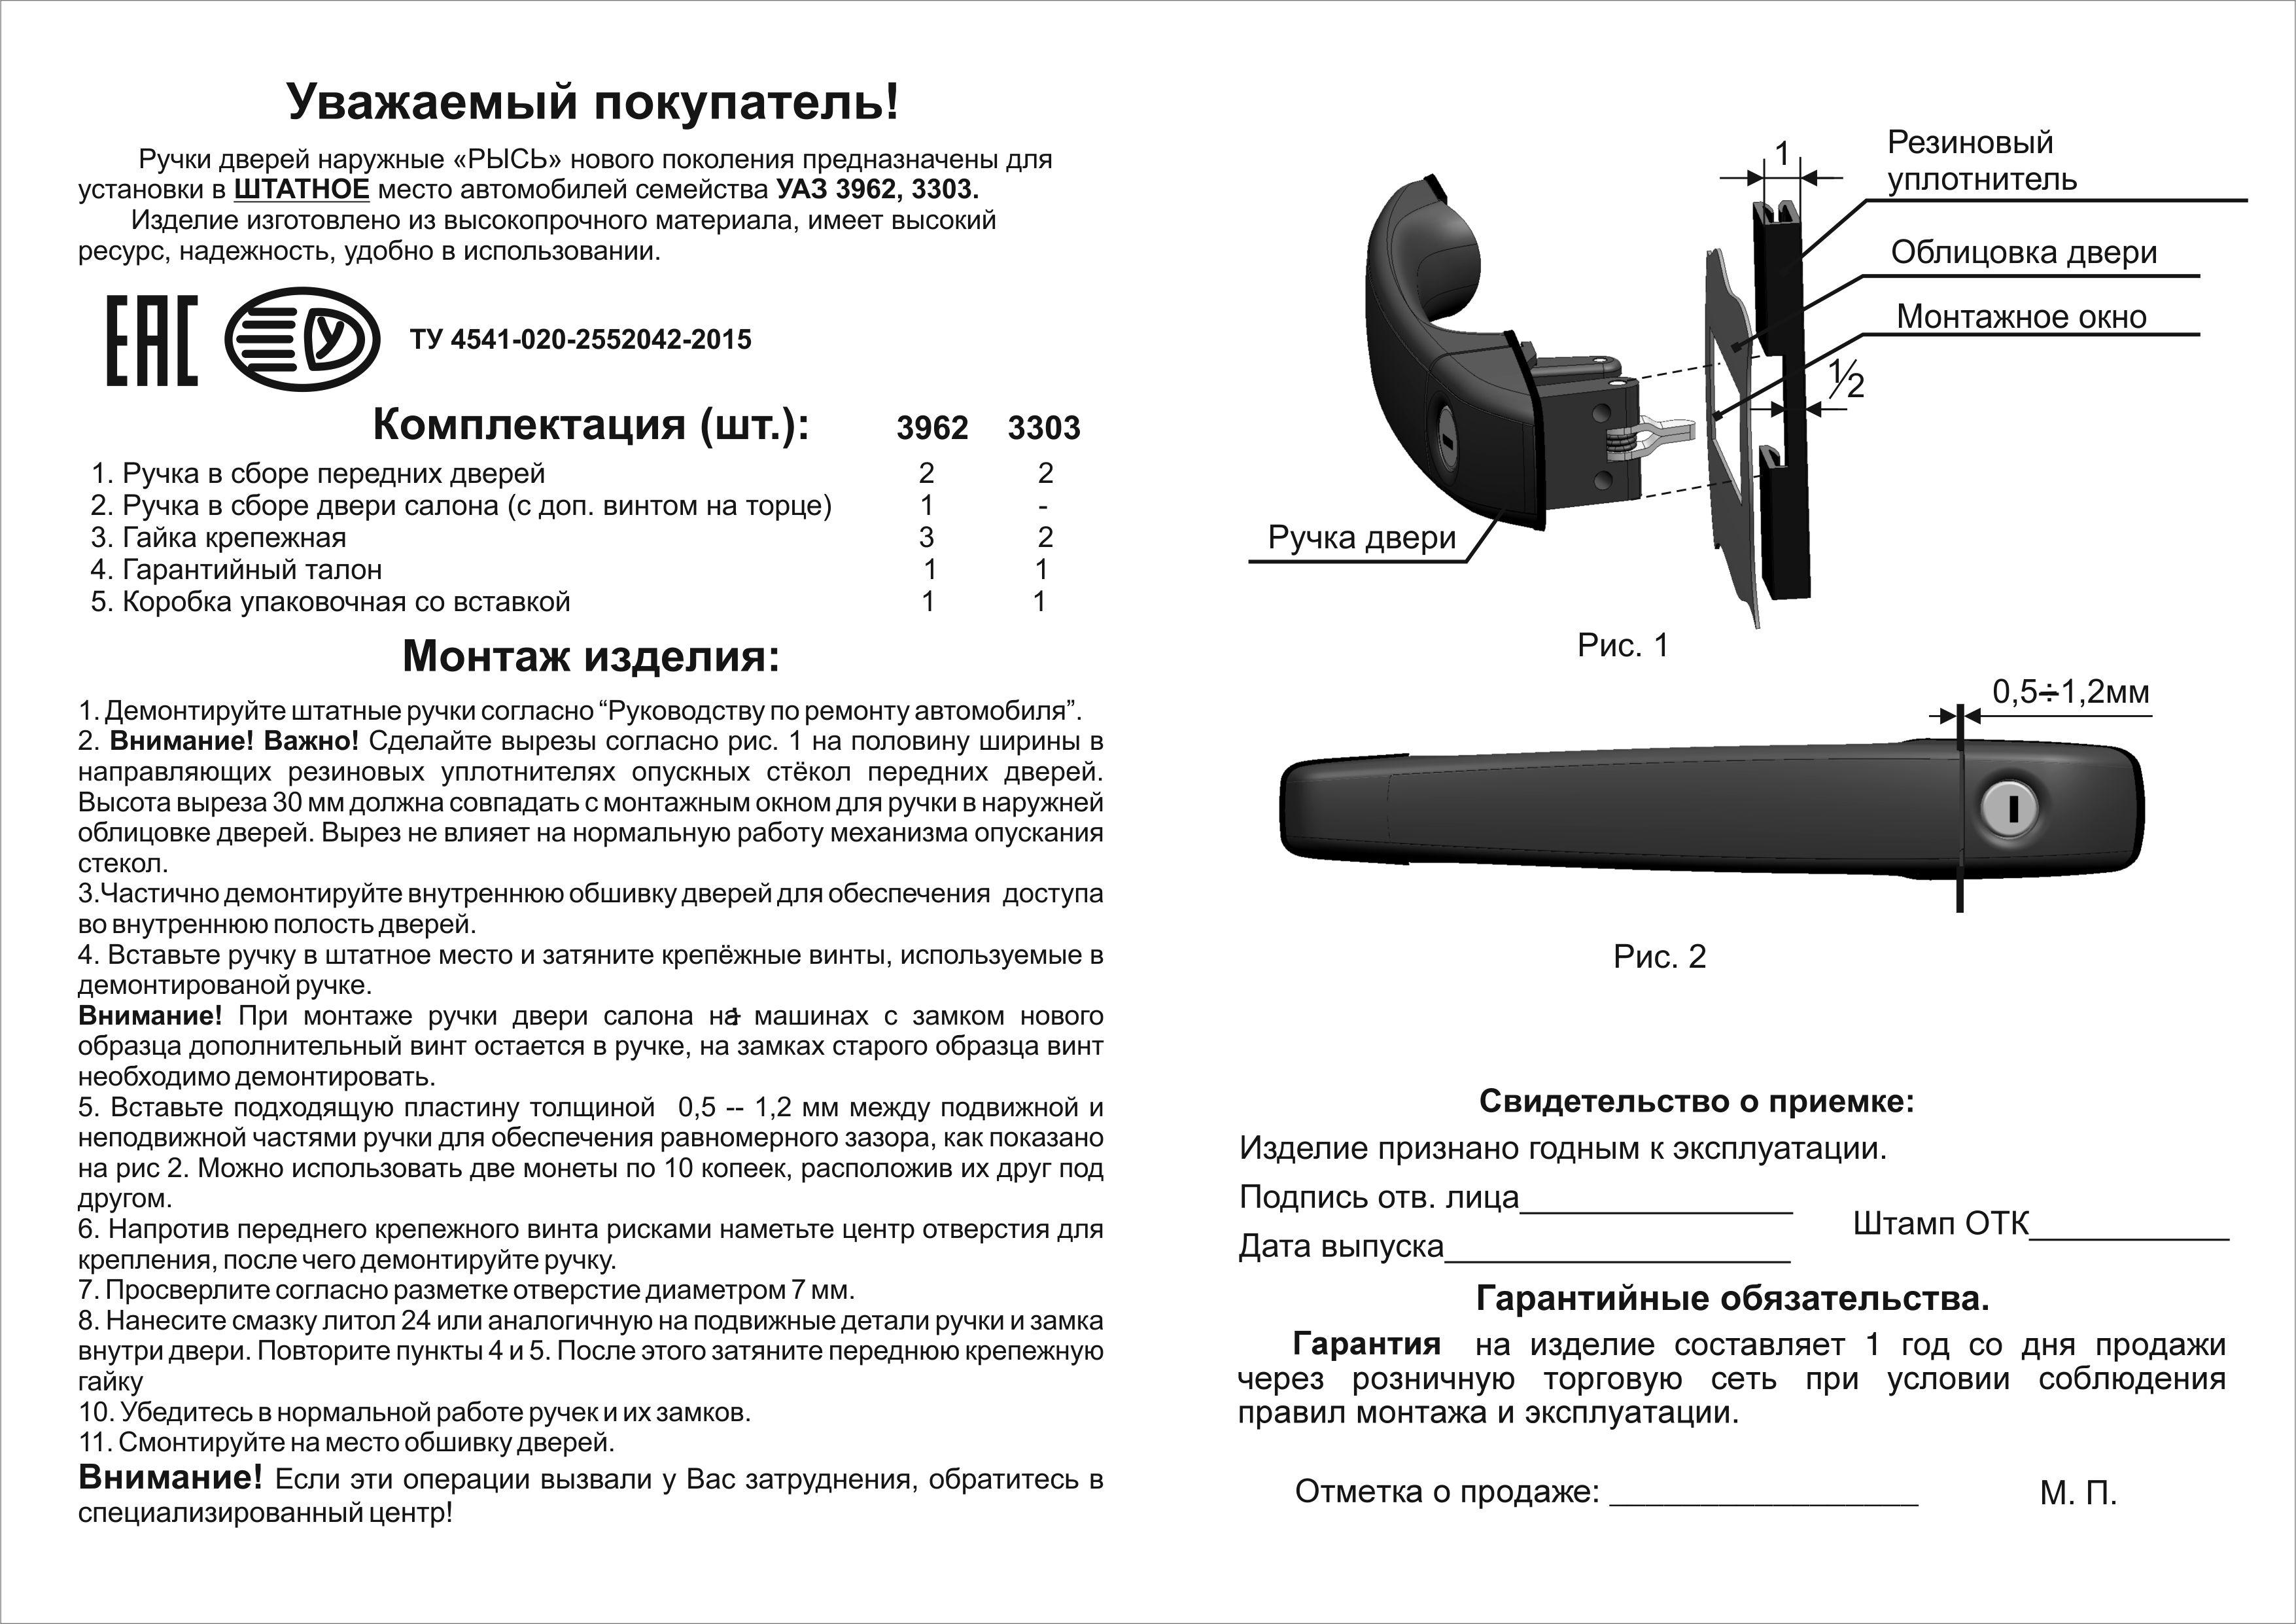 Инструкция УАЗ 3962,3303 ИТОГ